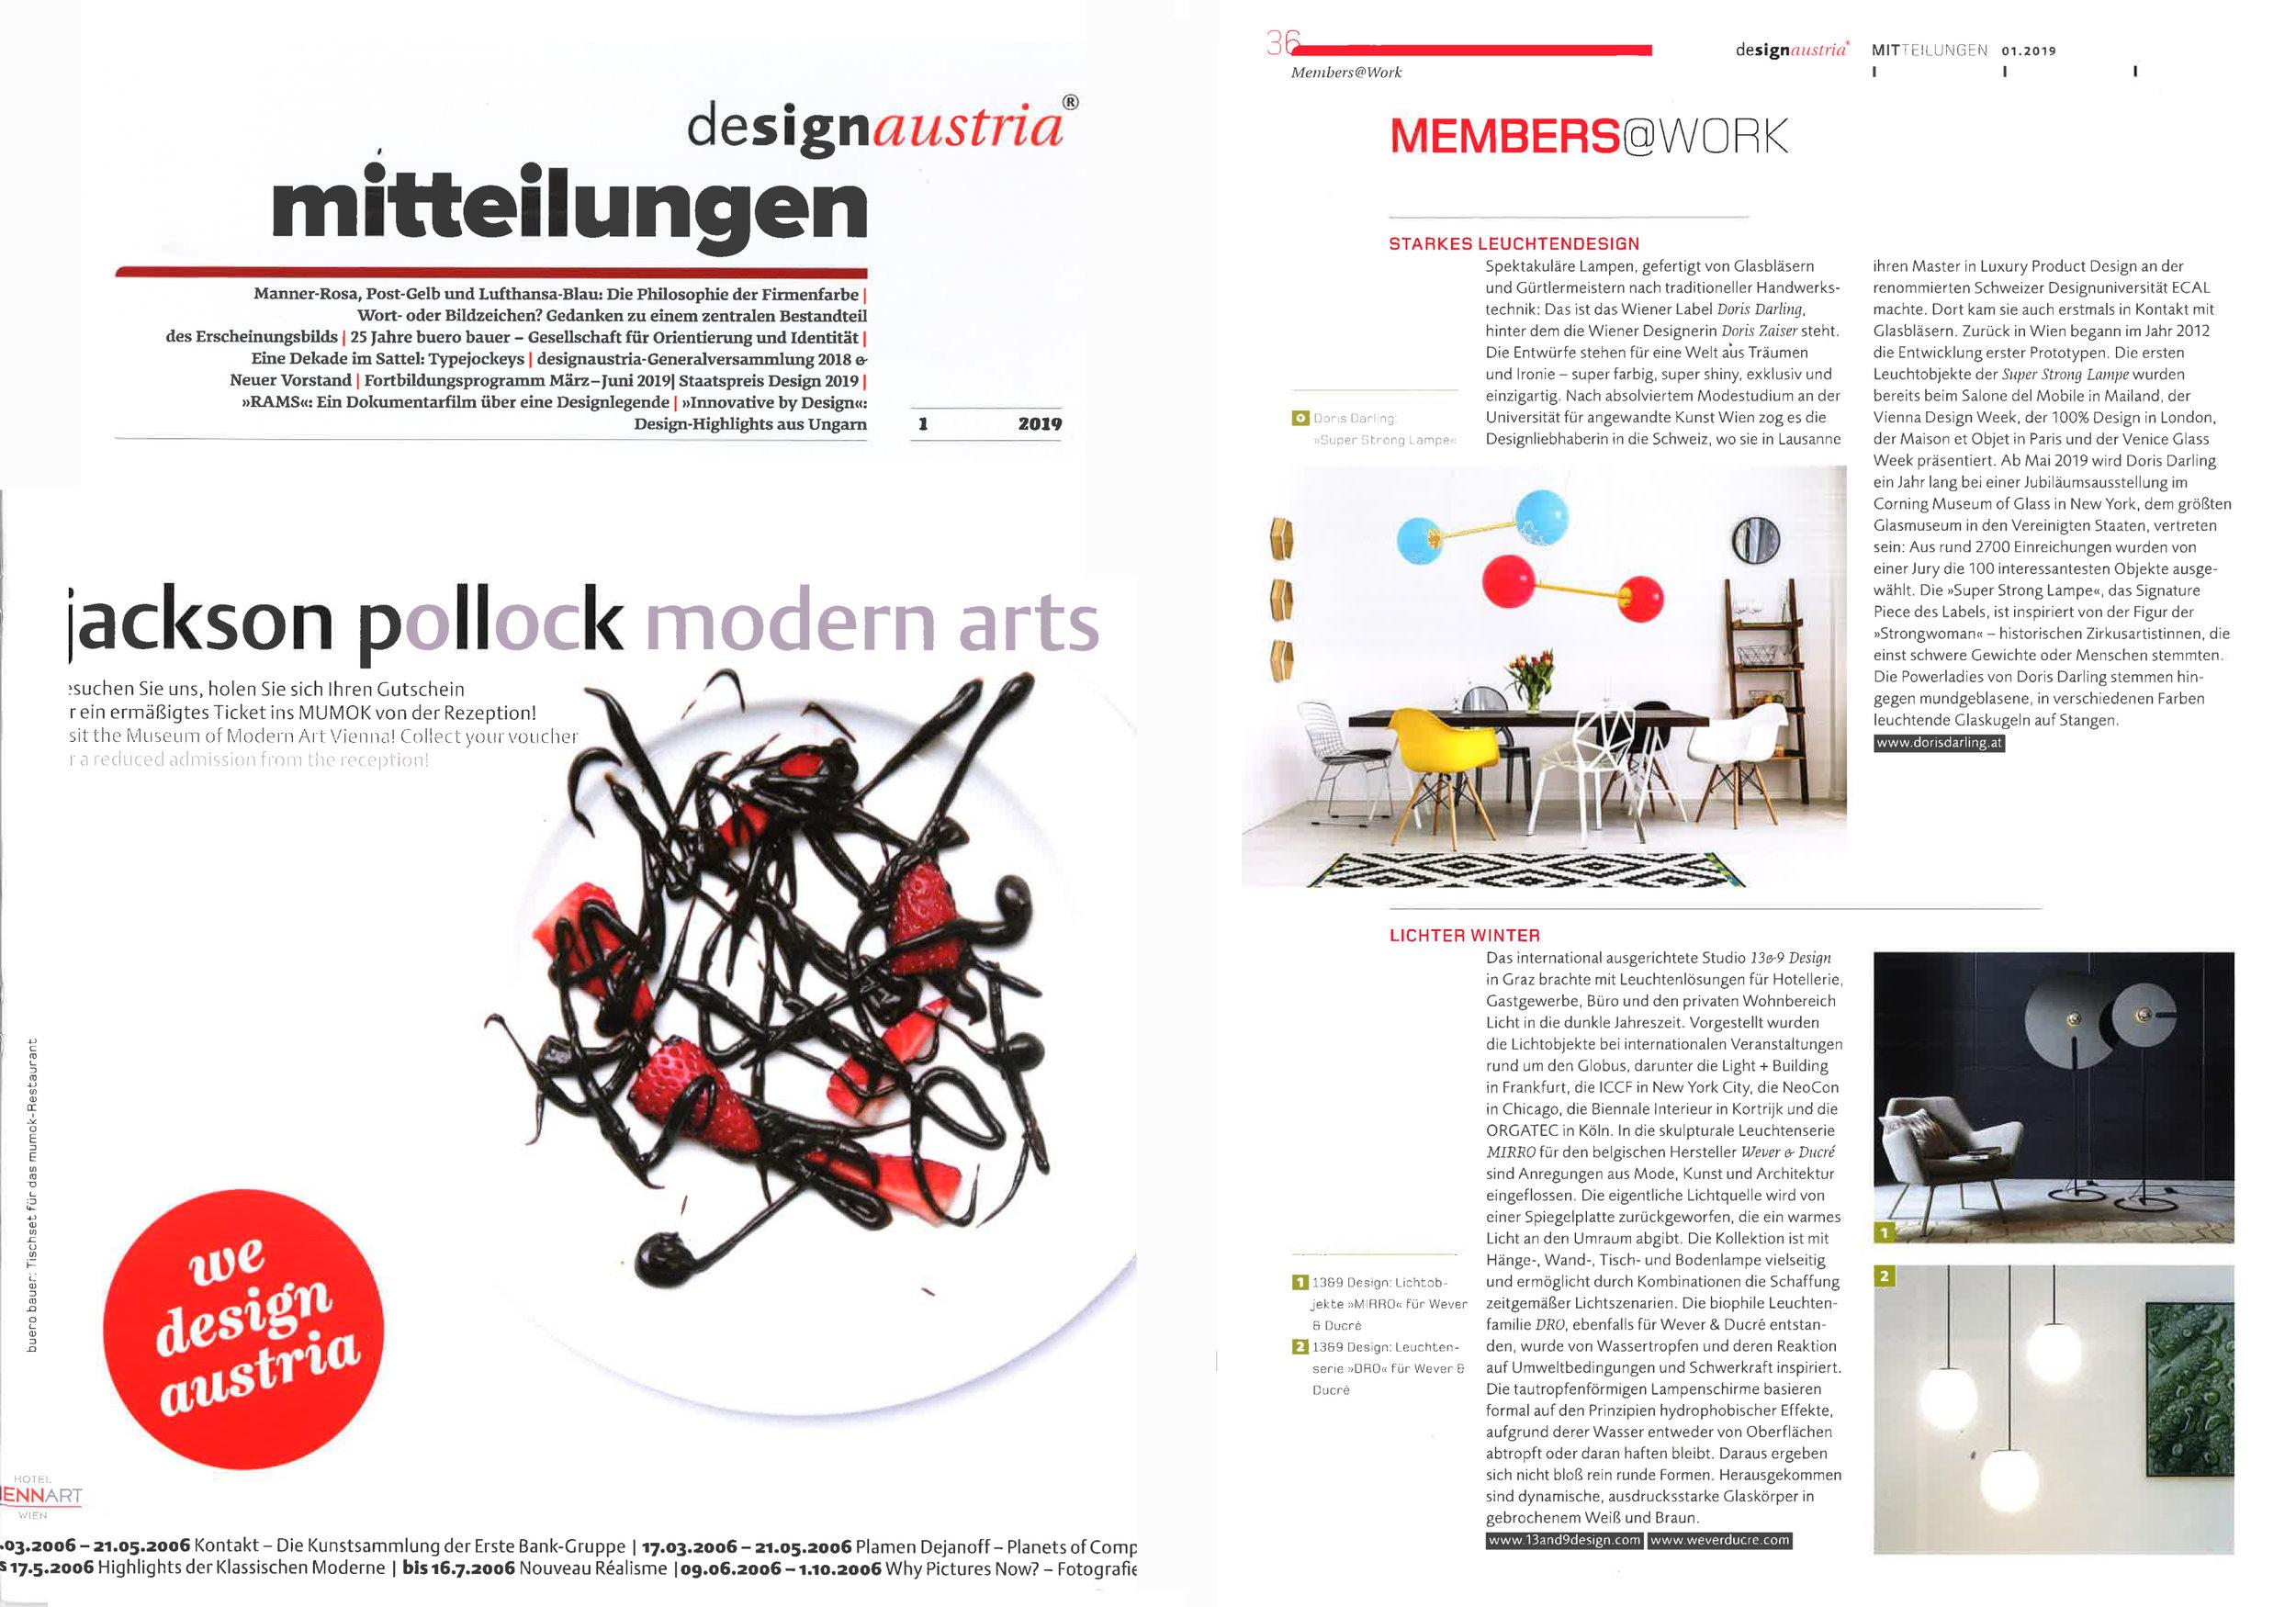 """Design Austria Magazine, MEMBERS@WORK: """"Starkes Leuchtendesign: ….Ab Mai 2019 wird Doris Darling ein jahr lang bei einer Jubiläumsausstellung im Corning Museum of Glass in New York, dem größten Glasmuseum in den Vereinigten Staaten, vertreten sein…"""" :-)"""